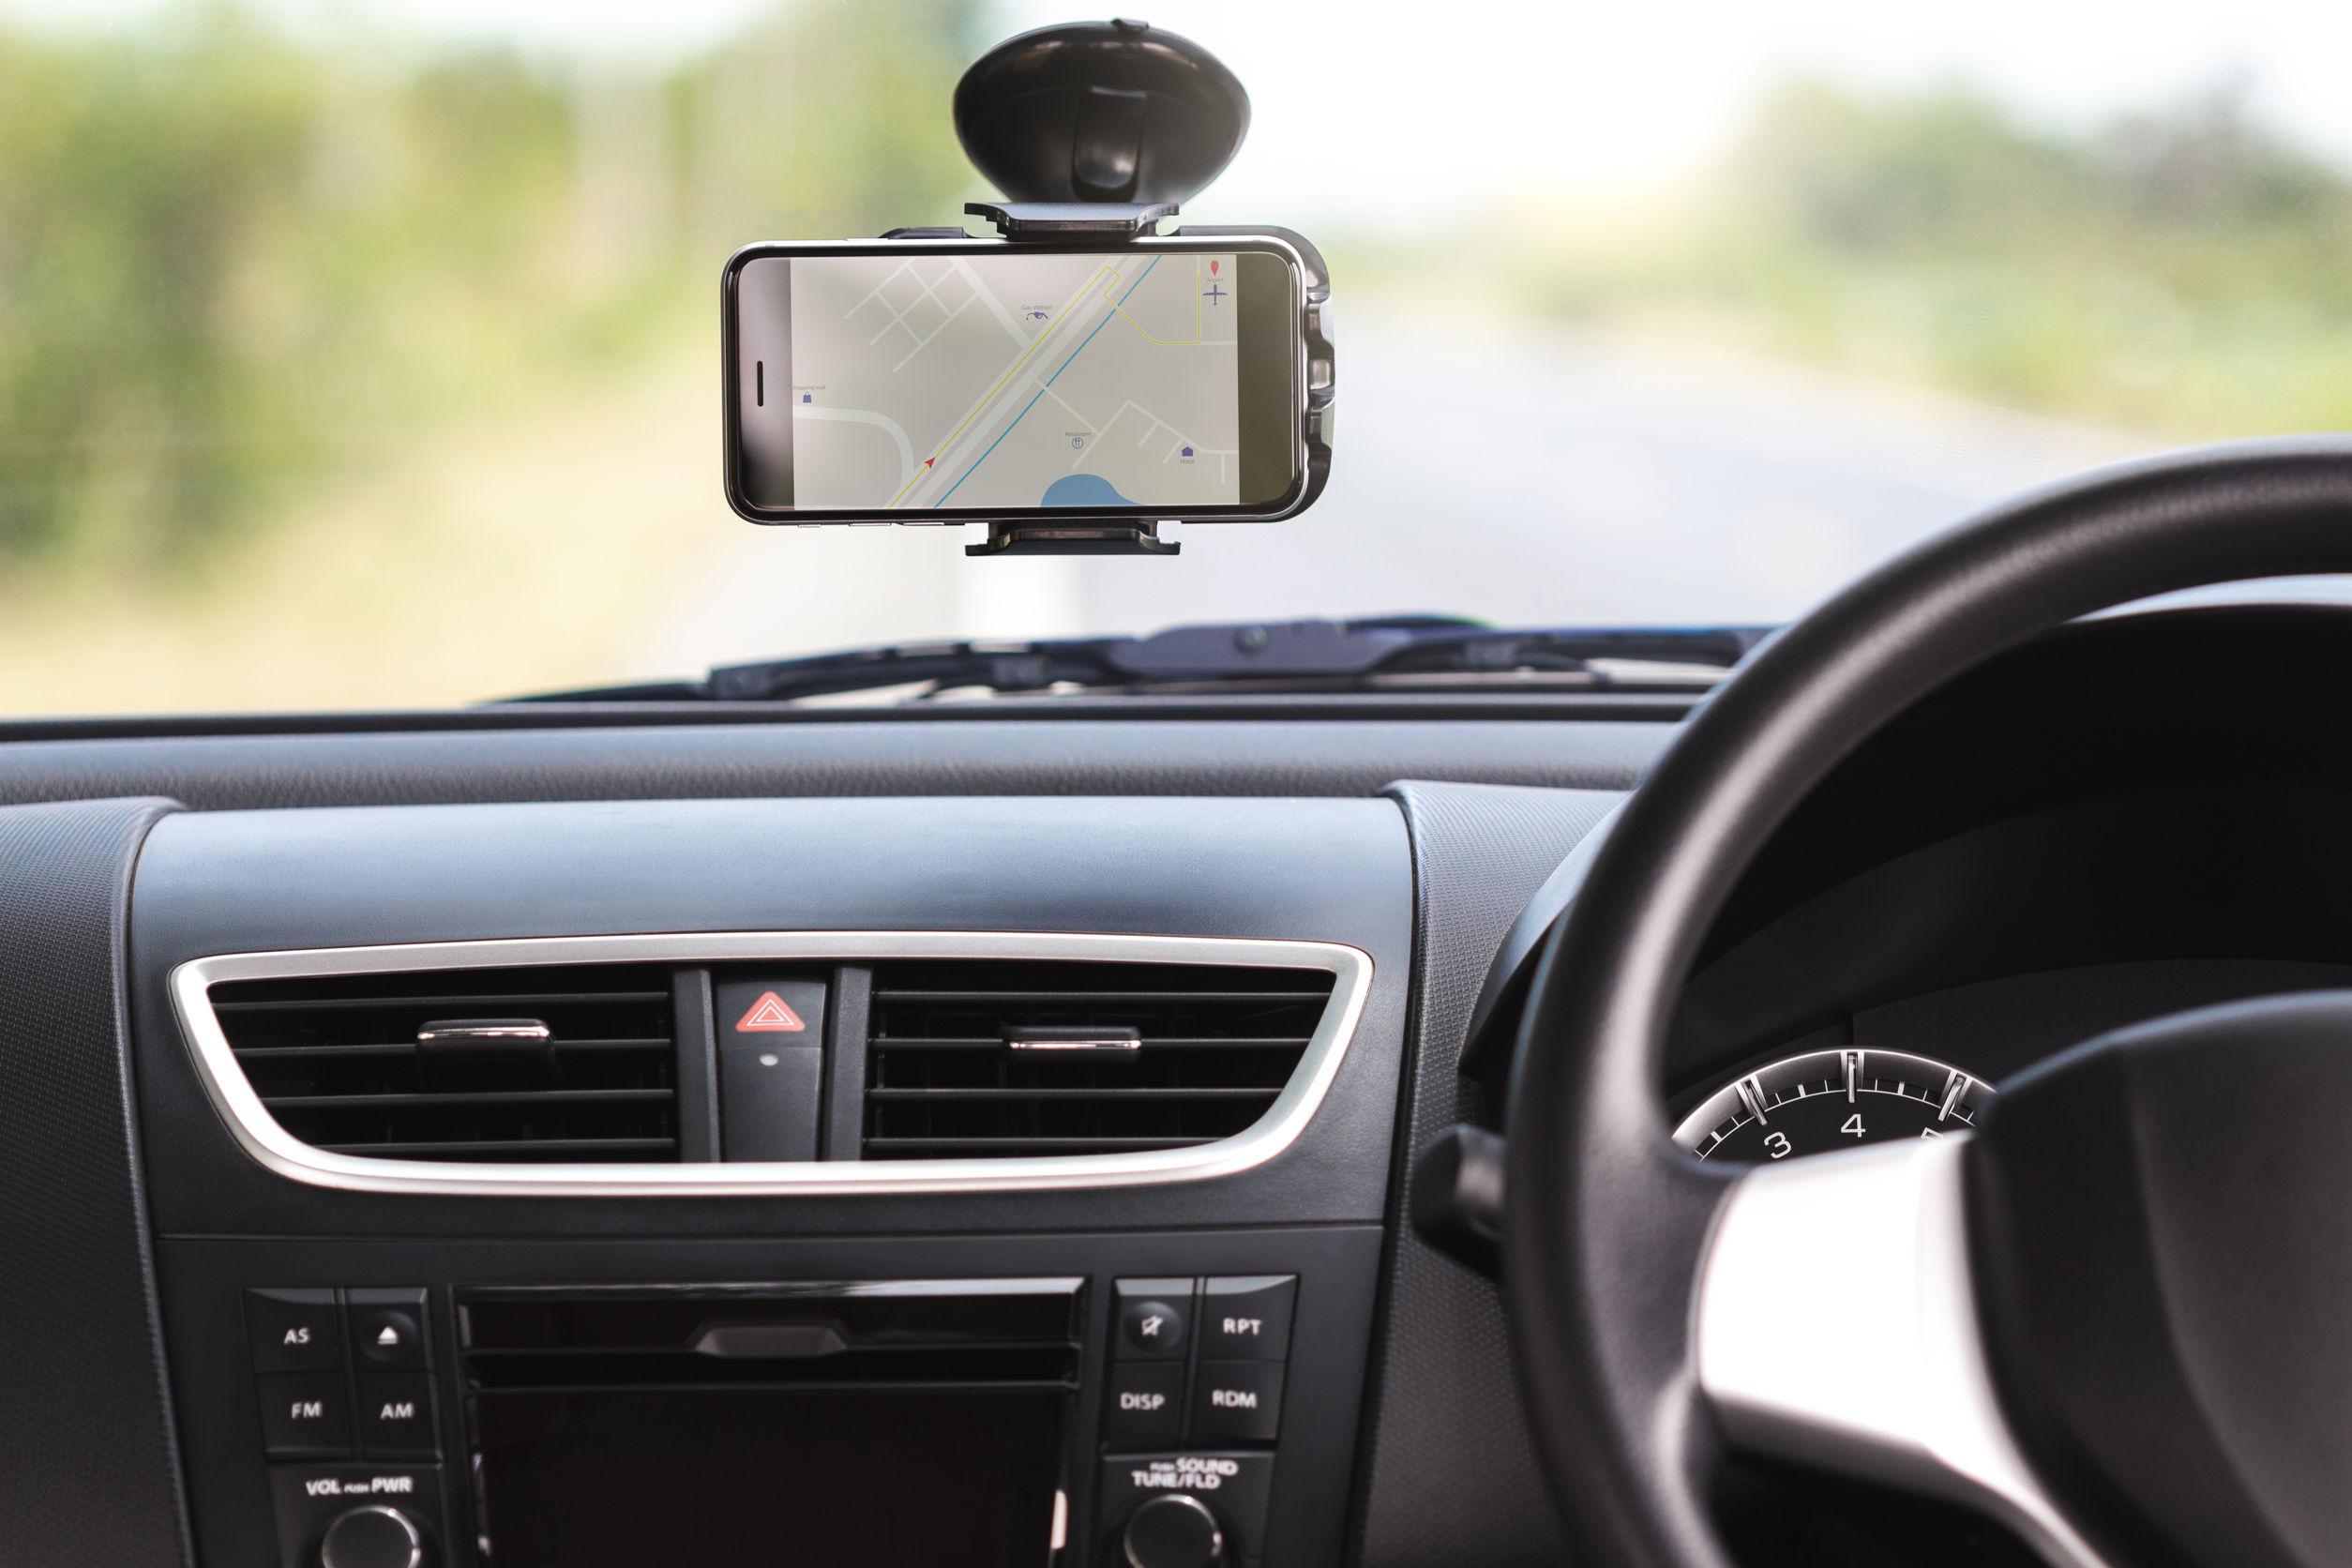 Soporte de celular para auto : ¿Cuál es el mejor del 2020?